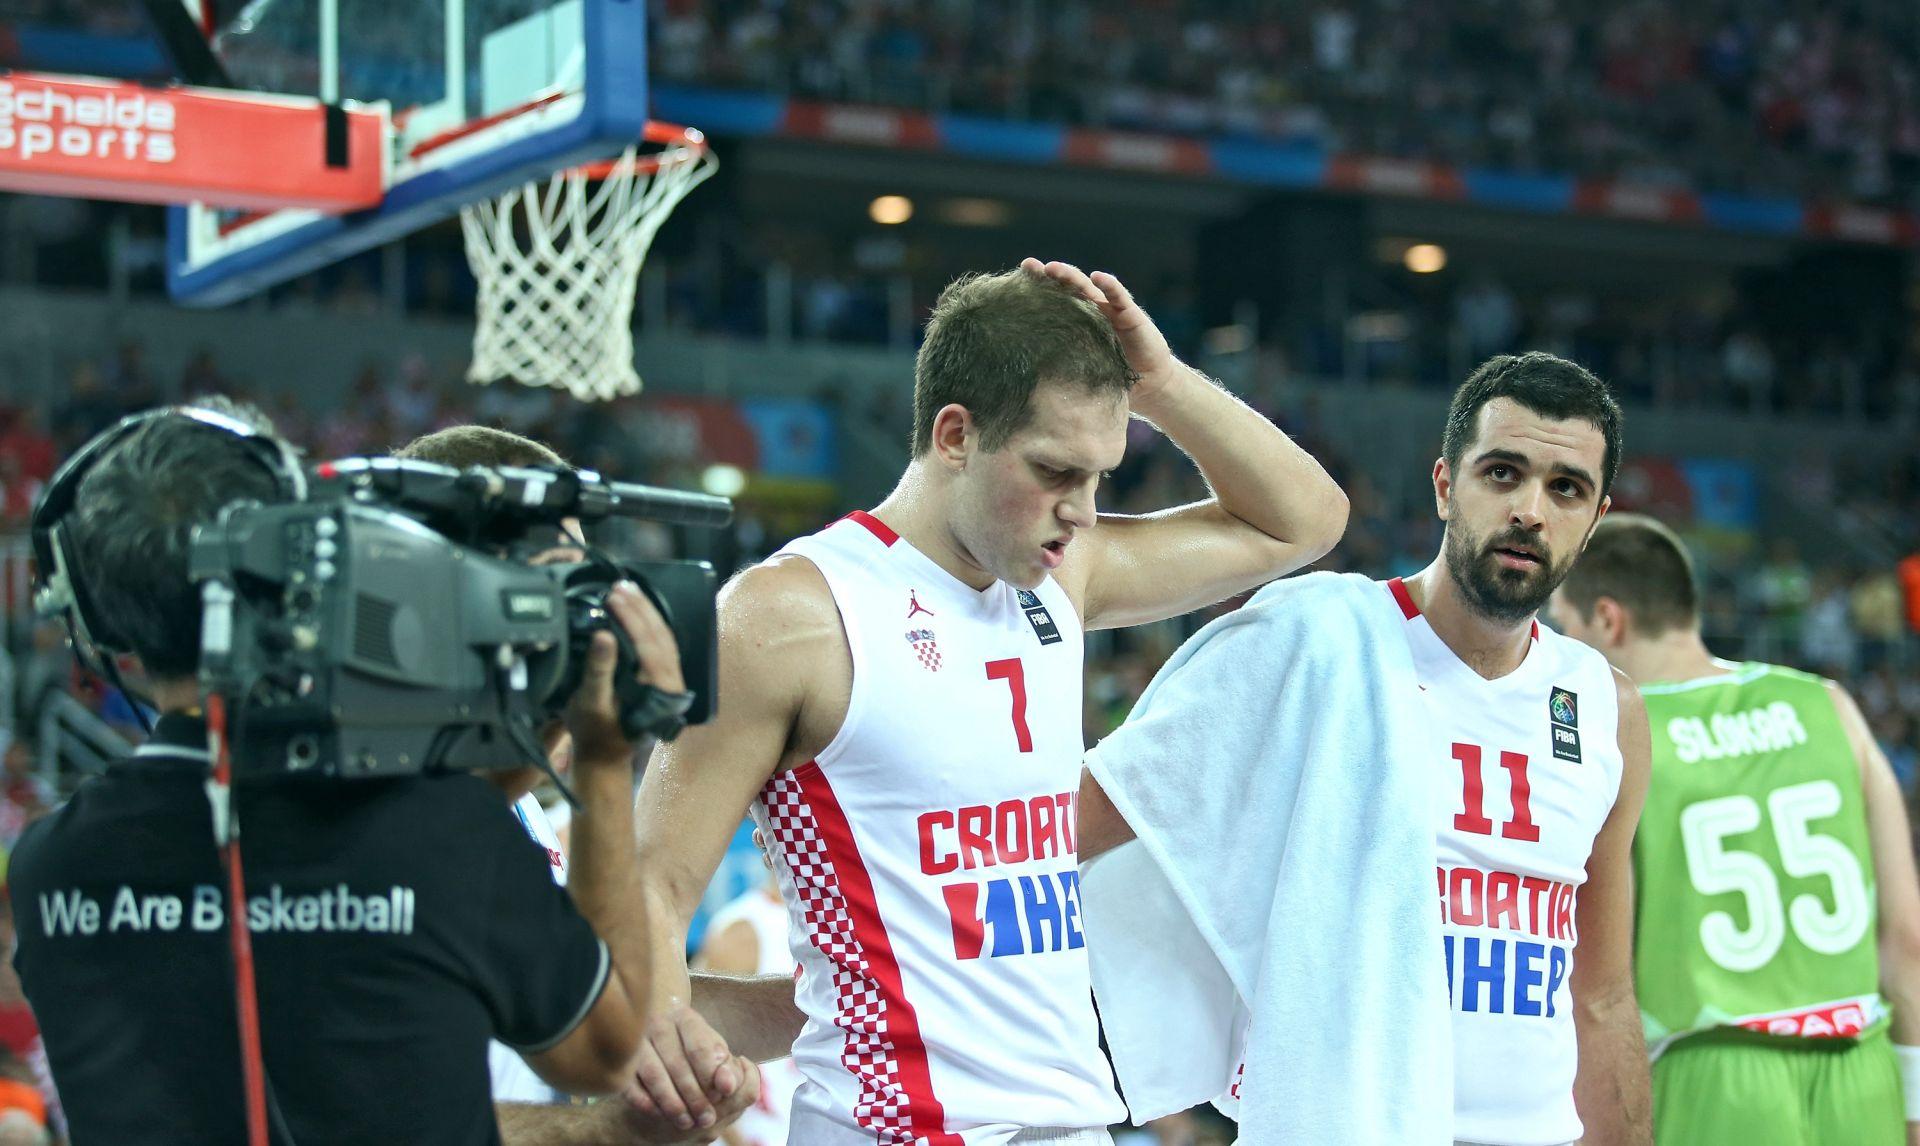 SUMNJA NA POTRES MOZGA Perasović: Bogdanović me pet puta molio da se vrati u igru, znate kako je tvrdoglav